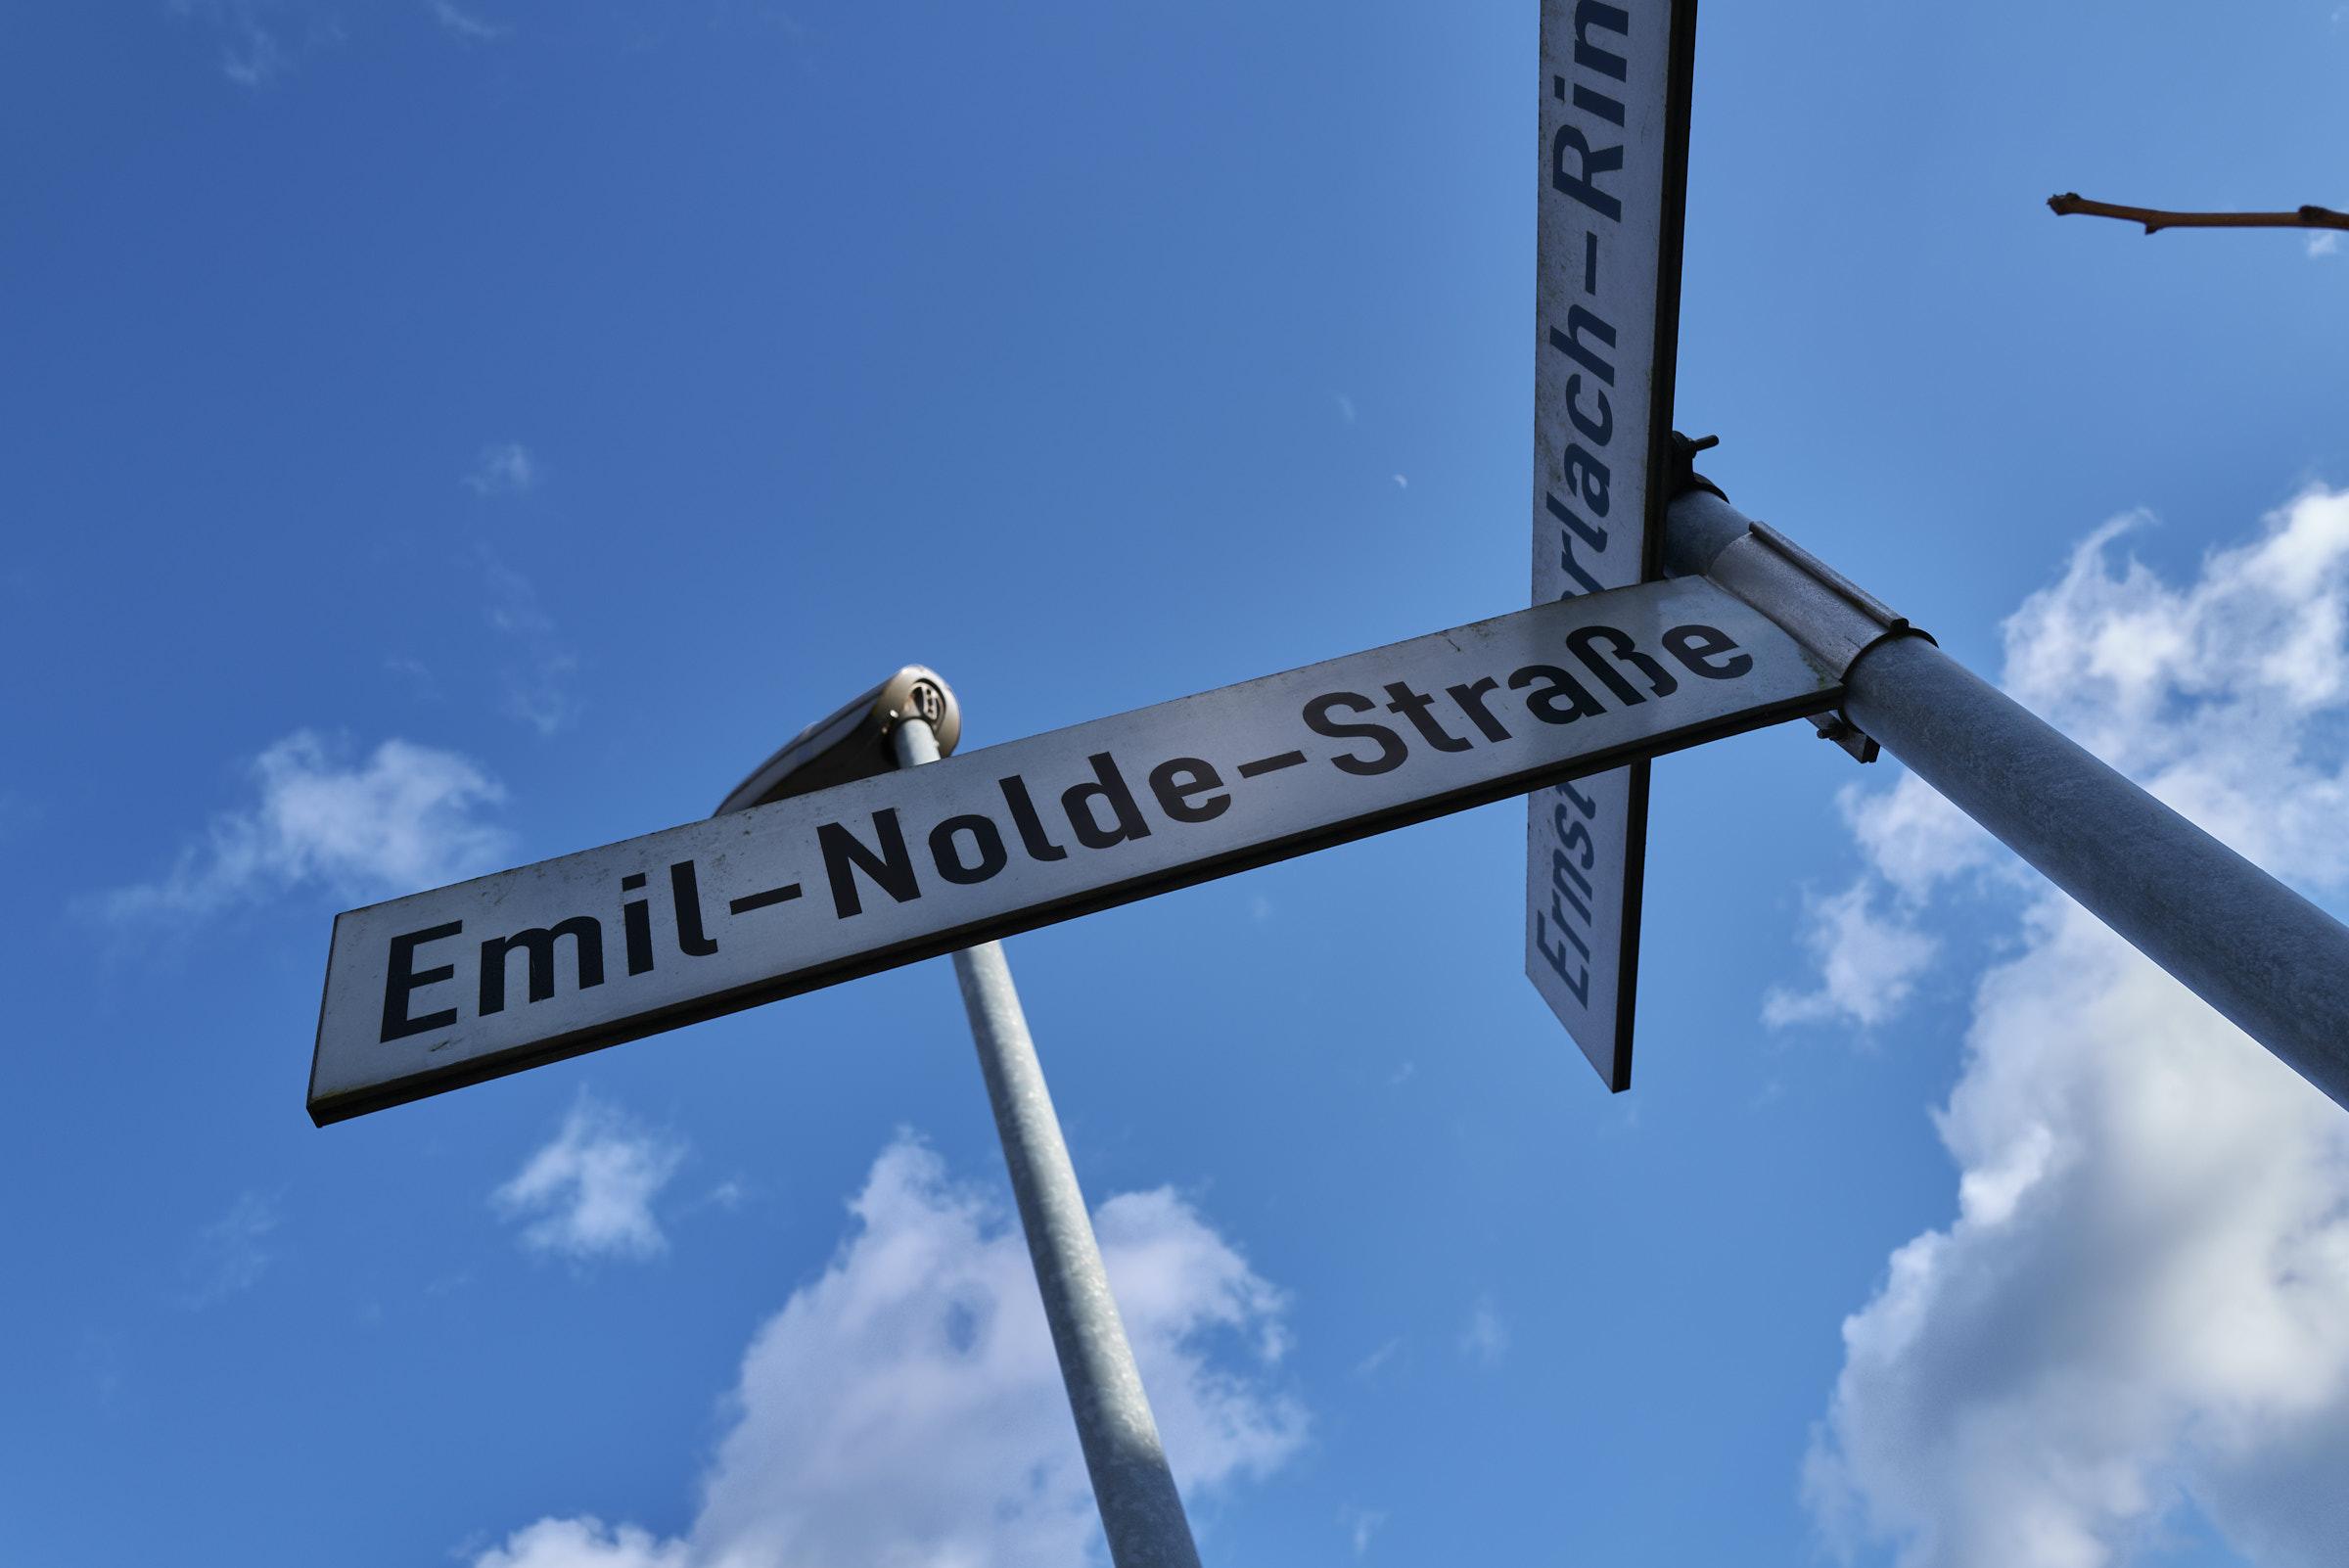 Emil-Nolde-Str_2